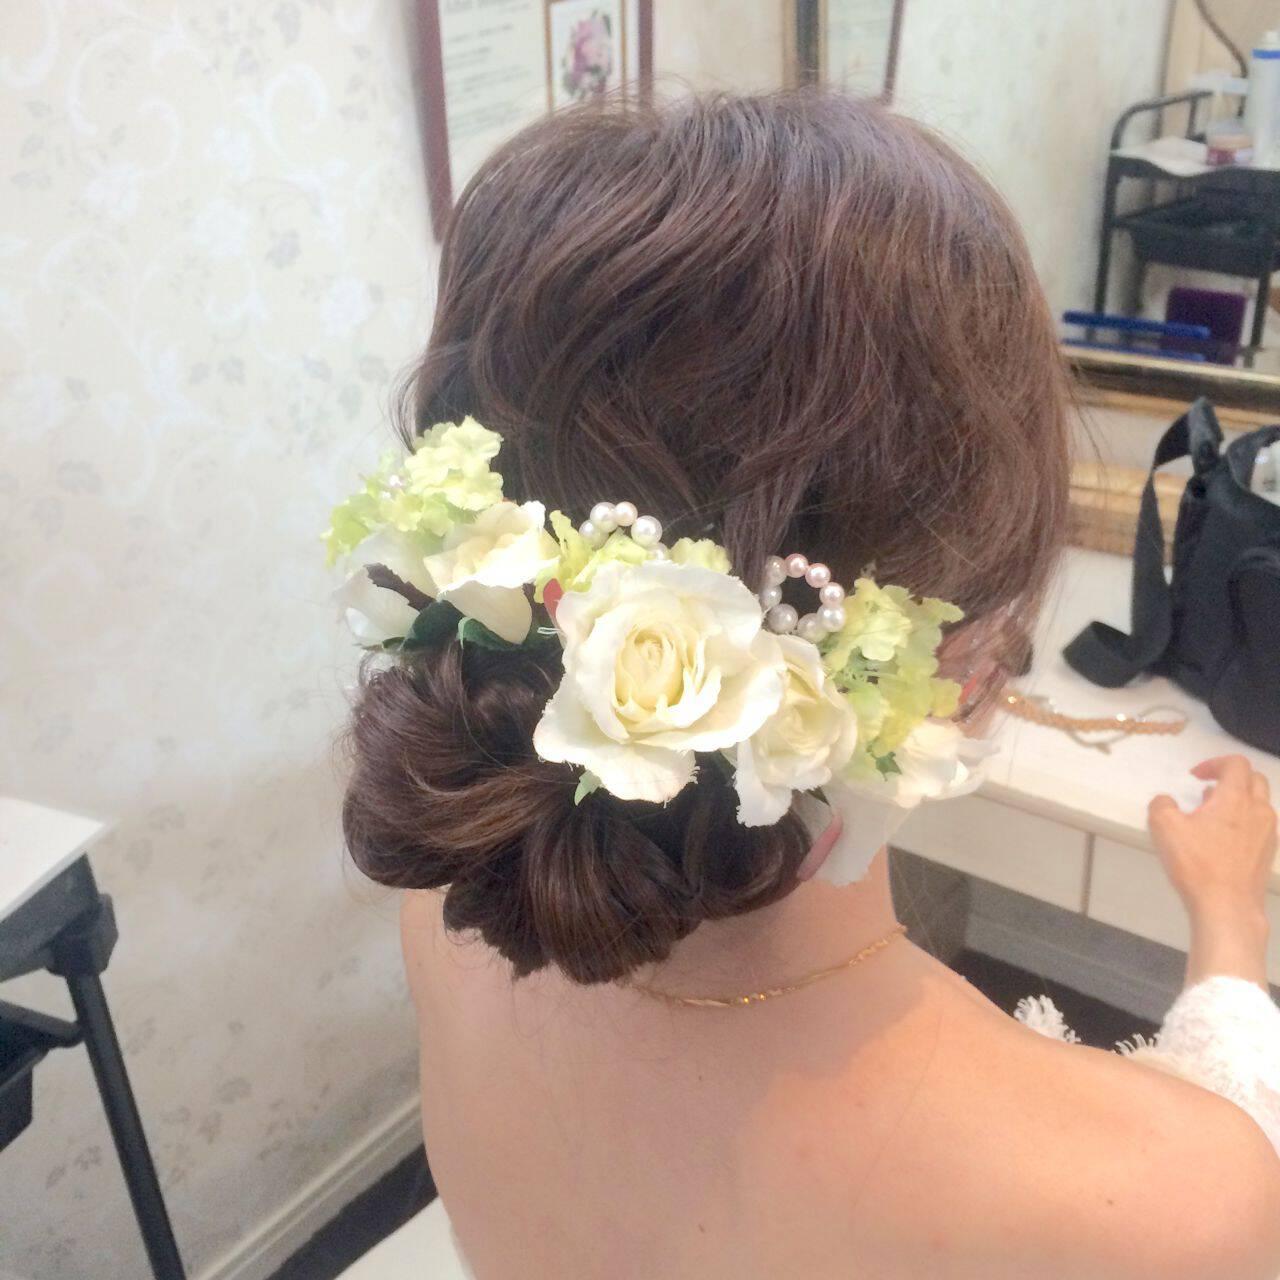 ブライダル ヘアアレンジ ロング アップスタイルヘアスタイルや髪型の写真・画像